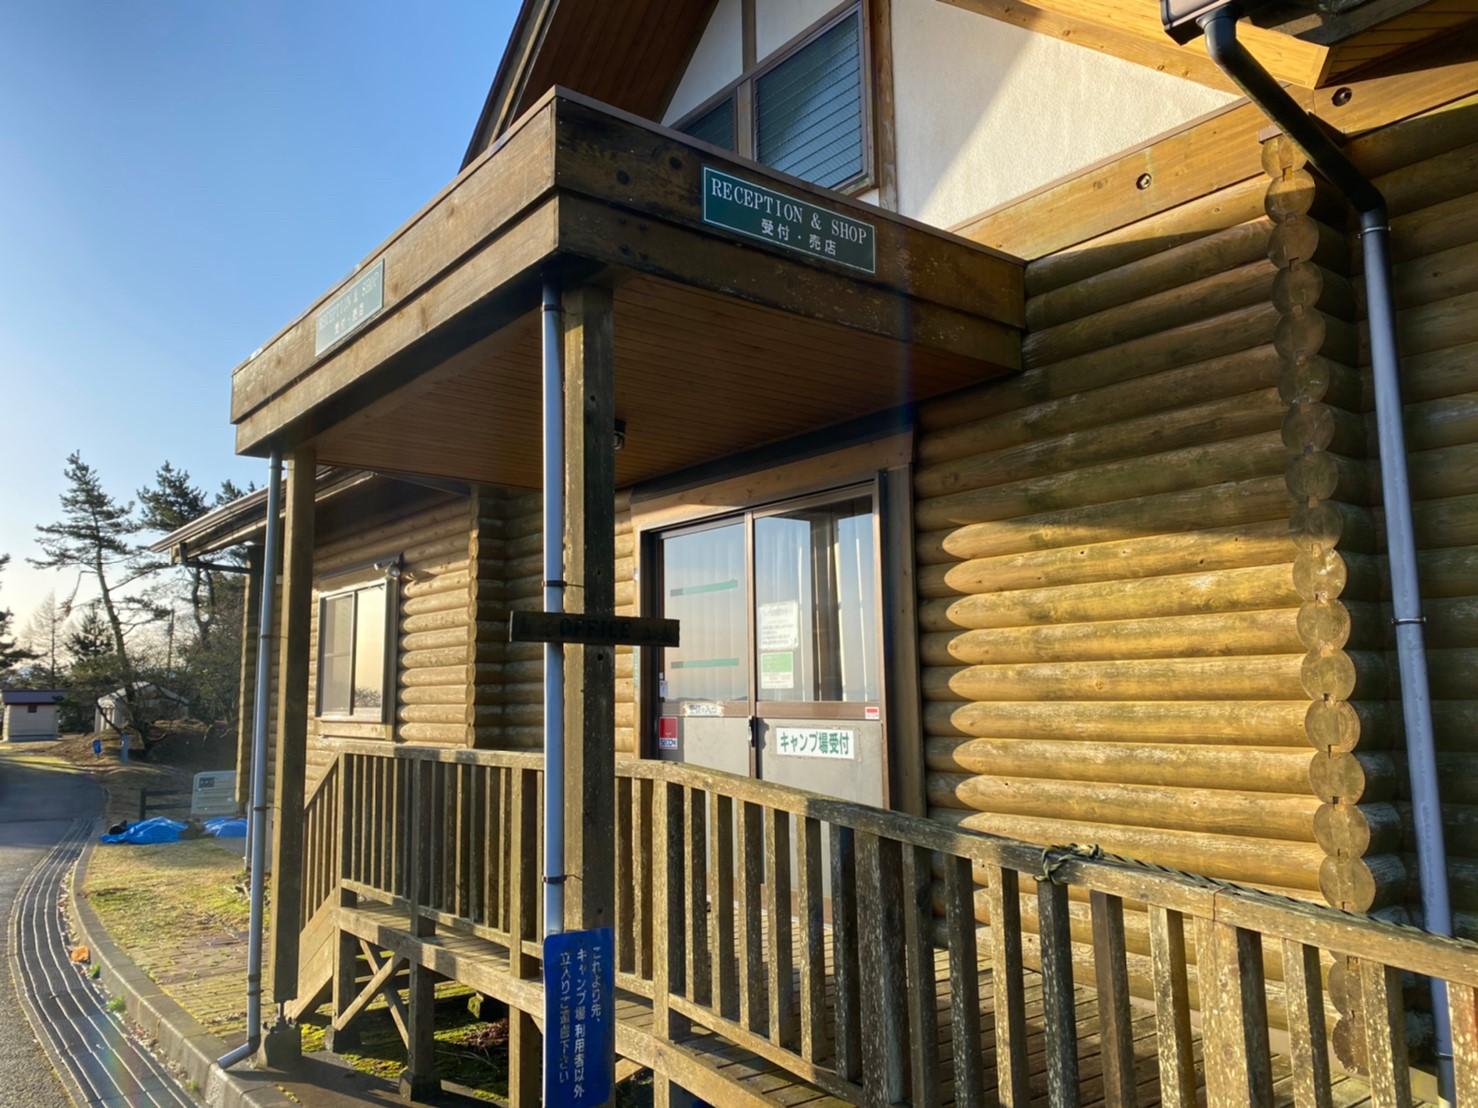 【静岡県】人気の伊豆エリア『だるま山高原』のキャンプ場情報